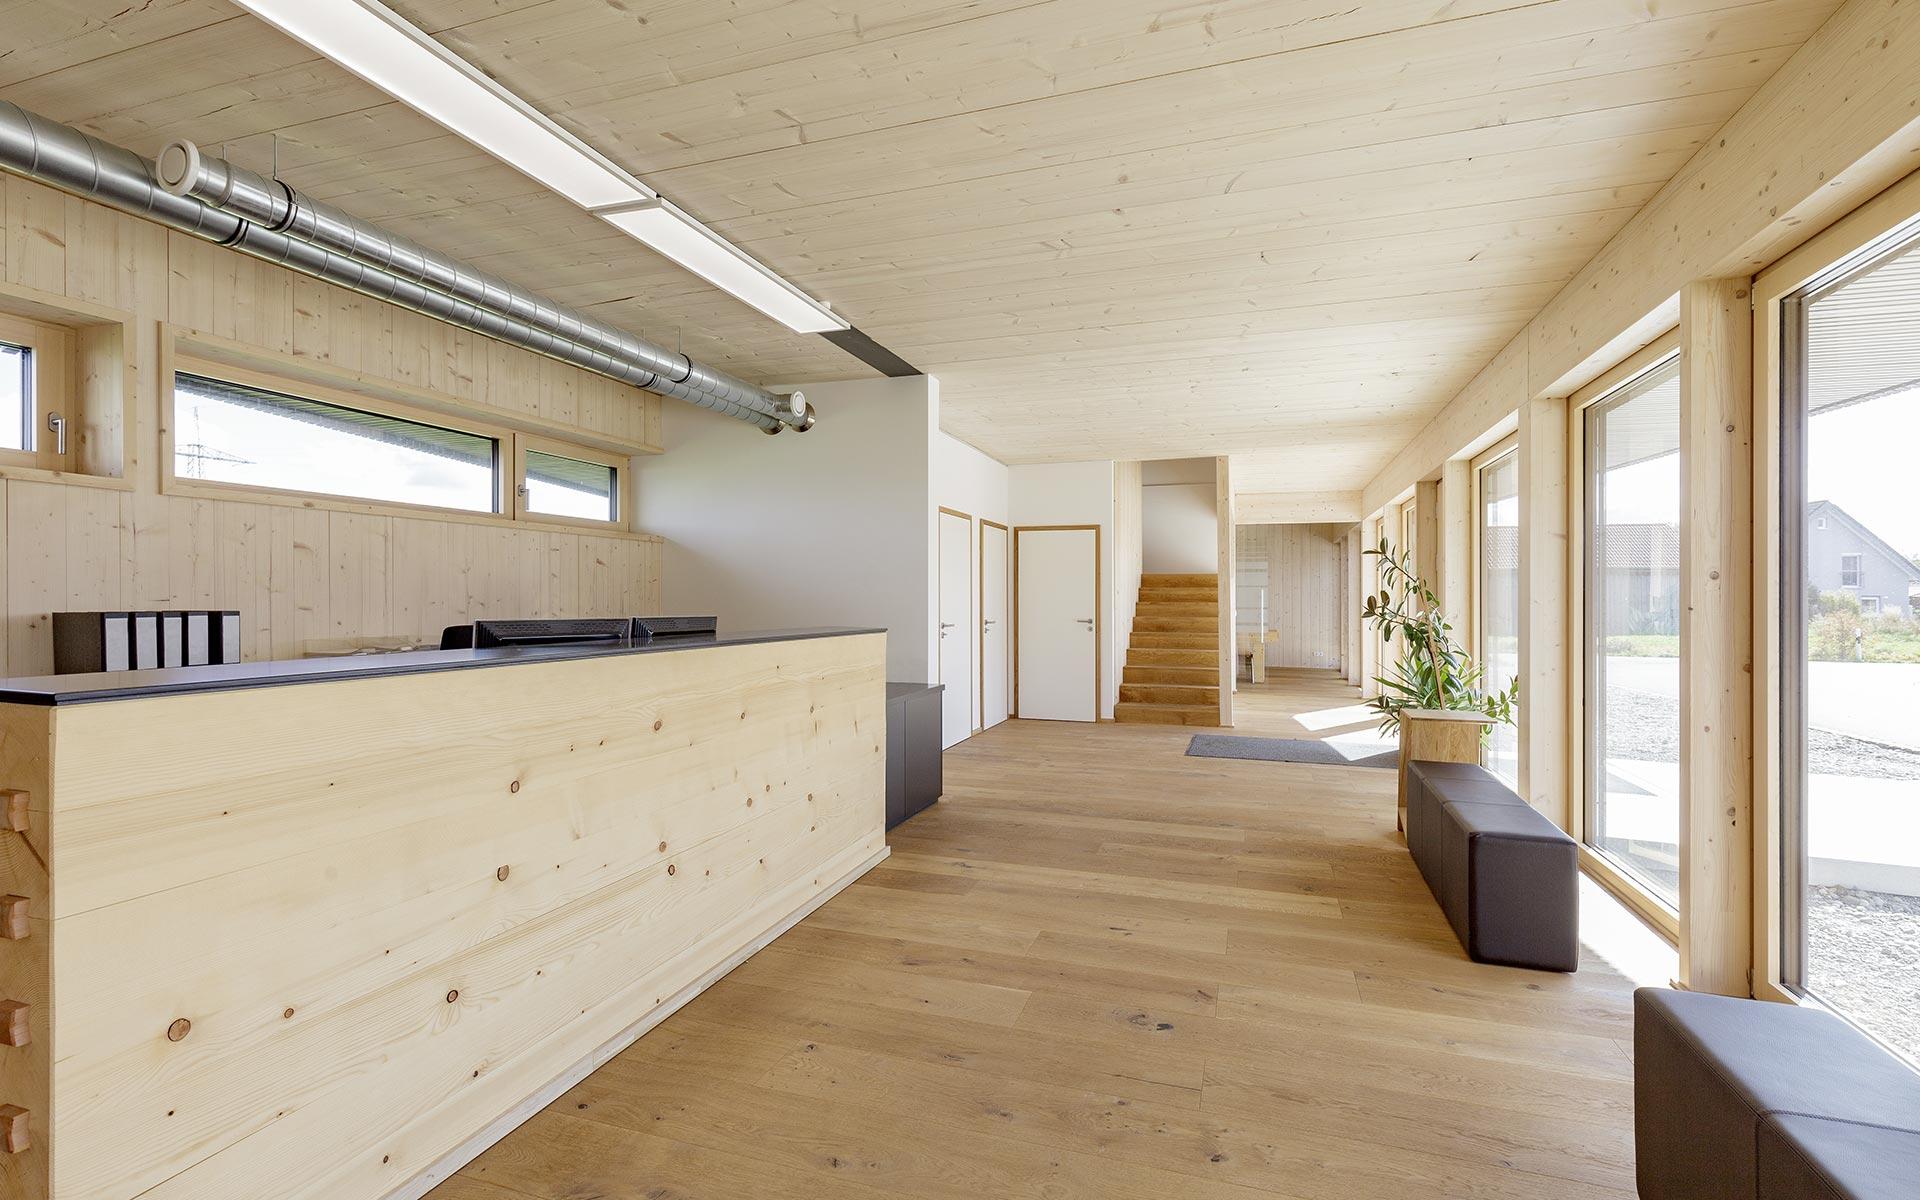 Architektenhaus mit Vollholzwänden